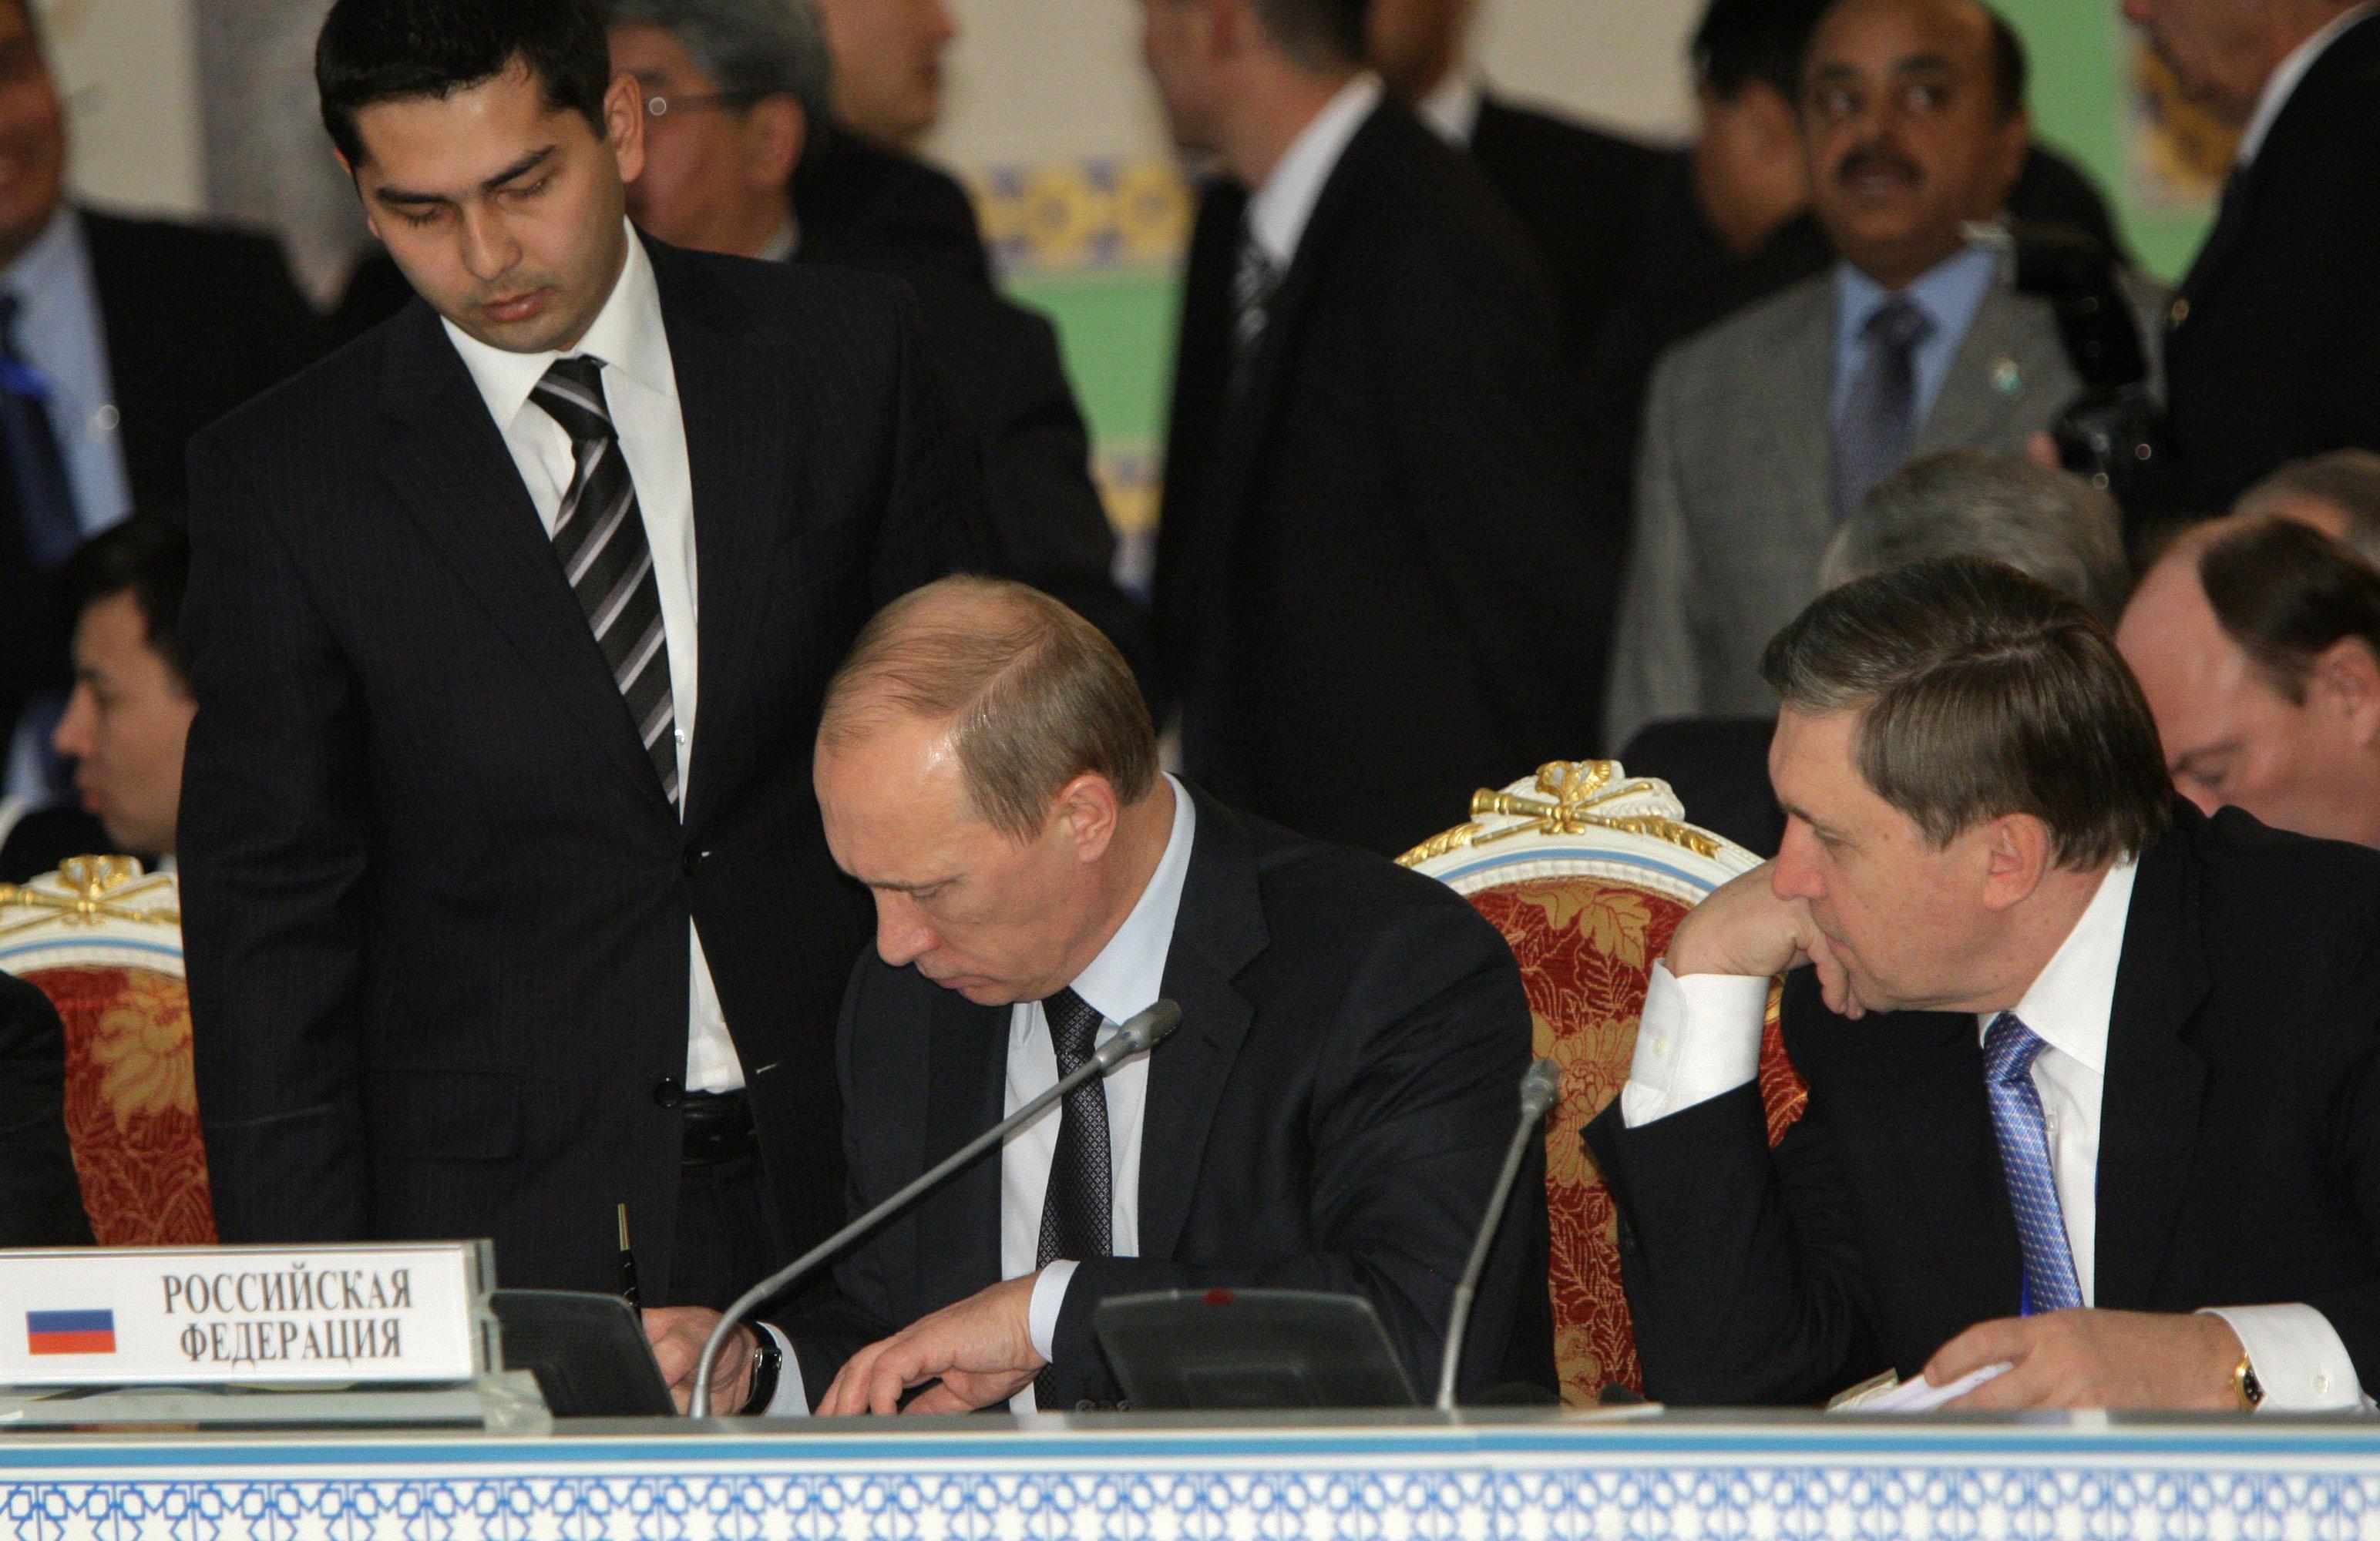 Подписание совместных документов по итогам заседания Совета глав правительств государств-членов ШОС